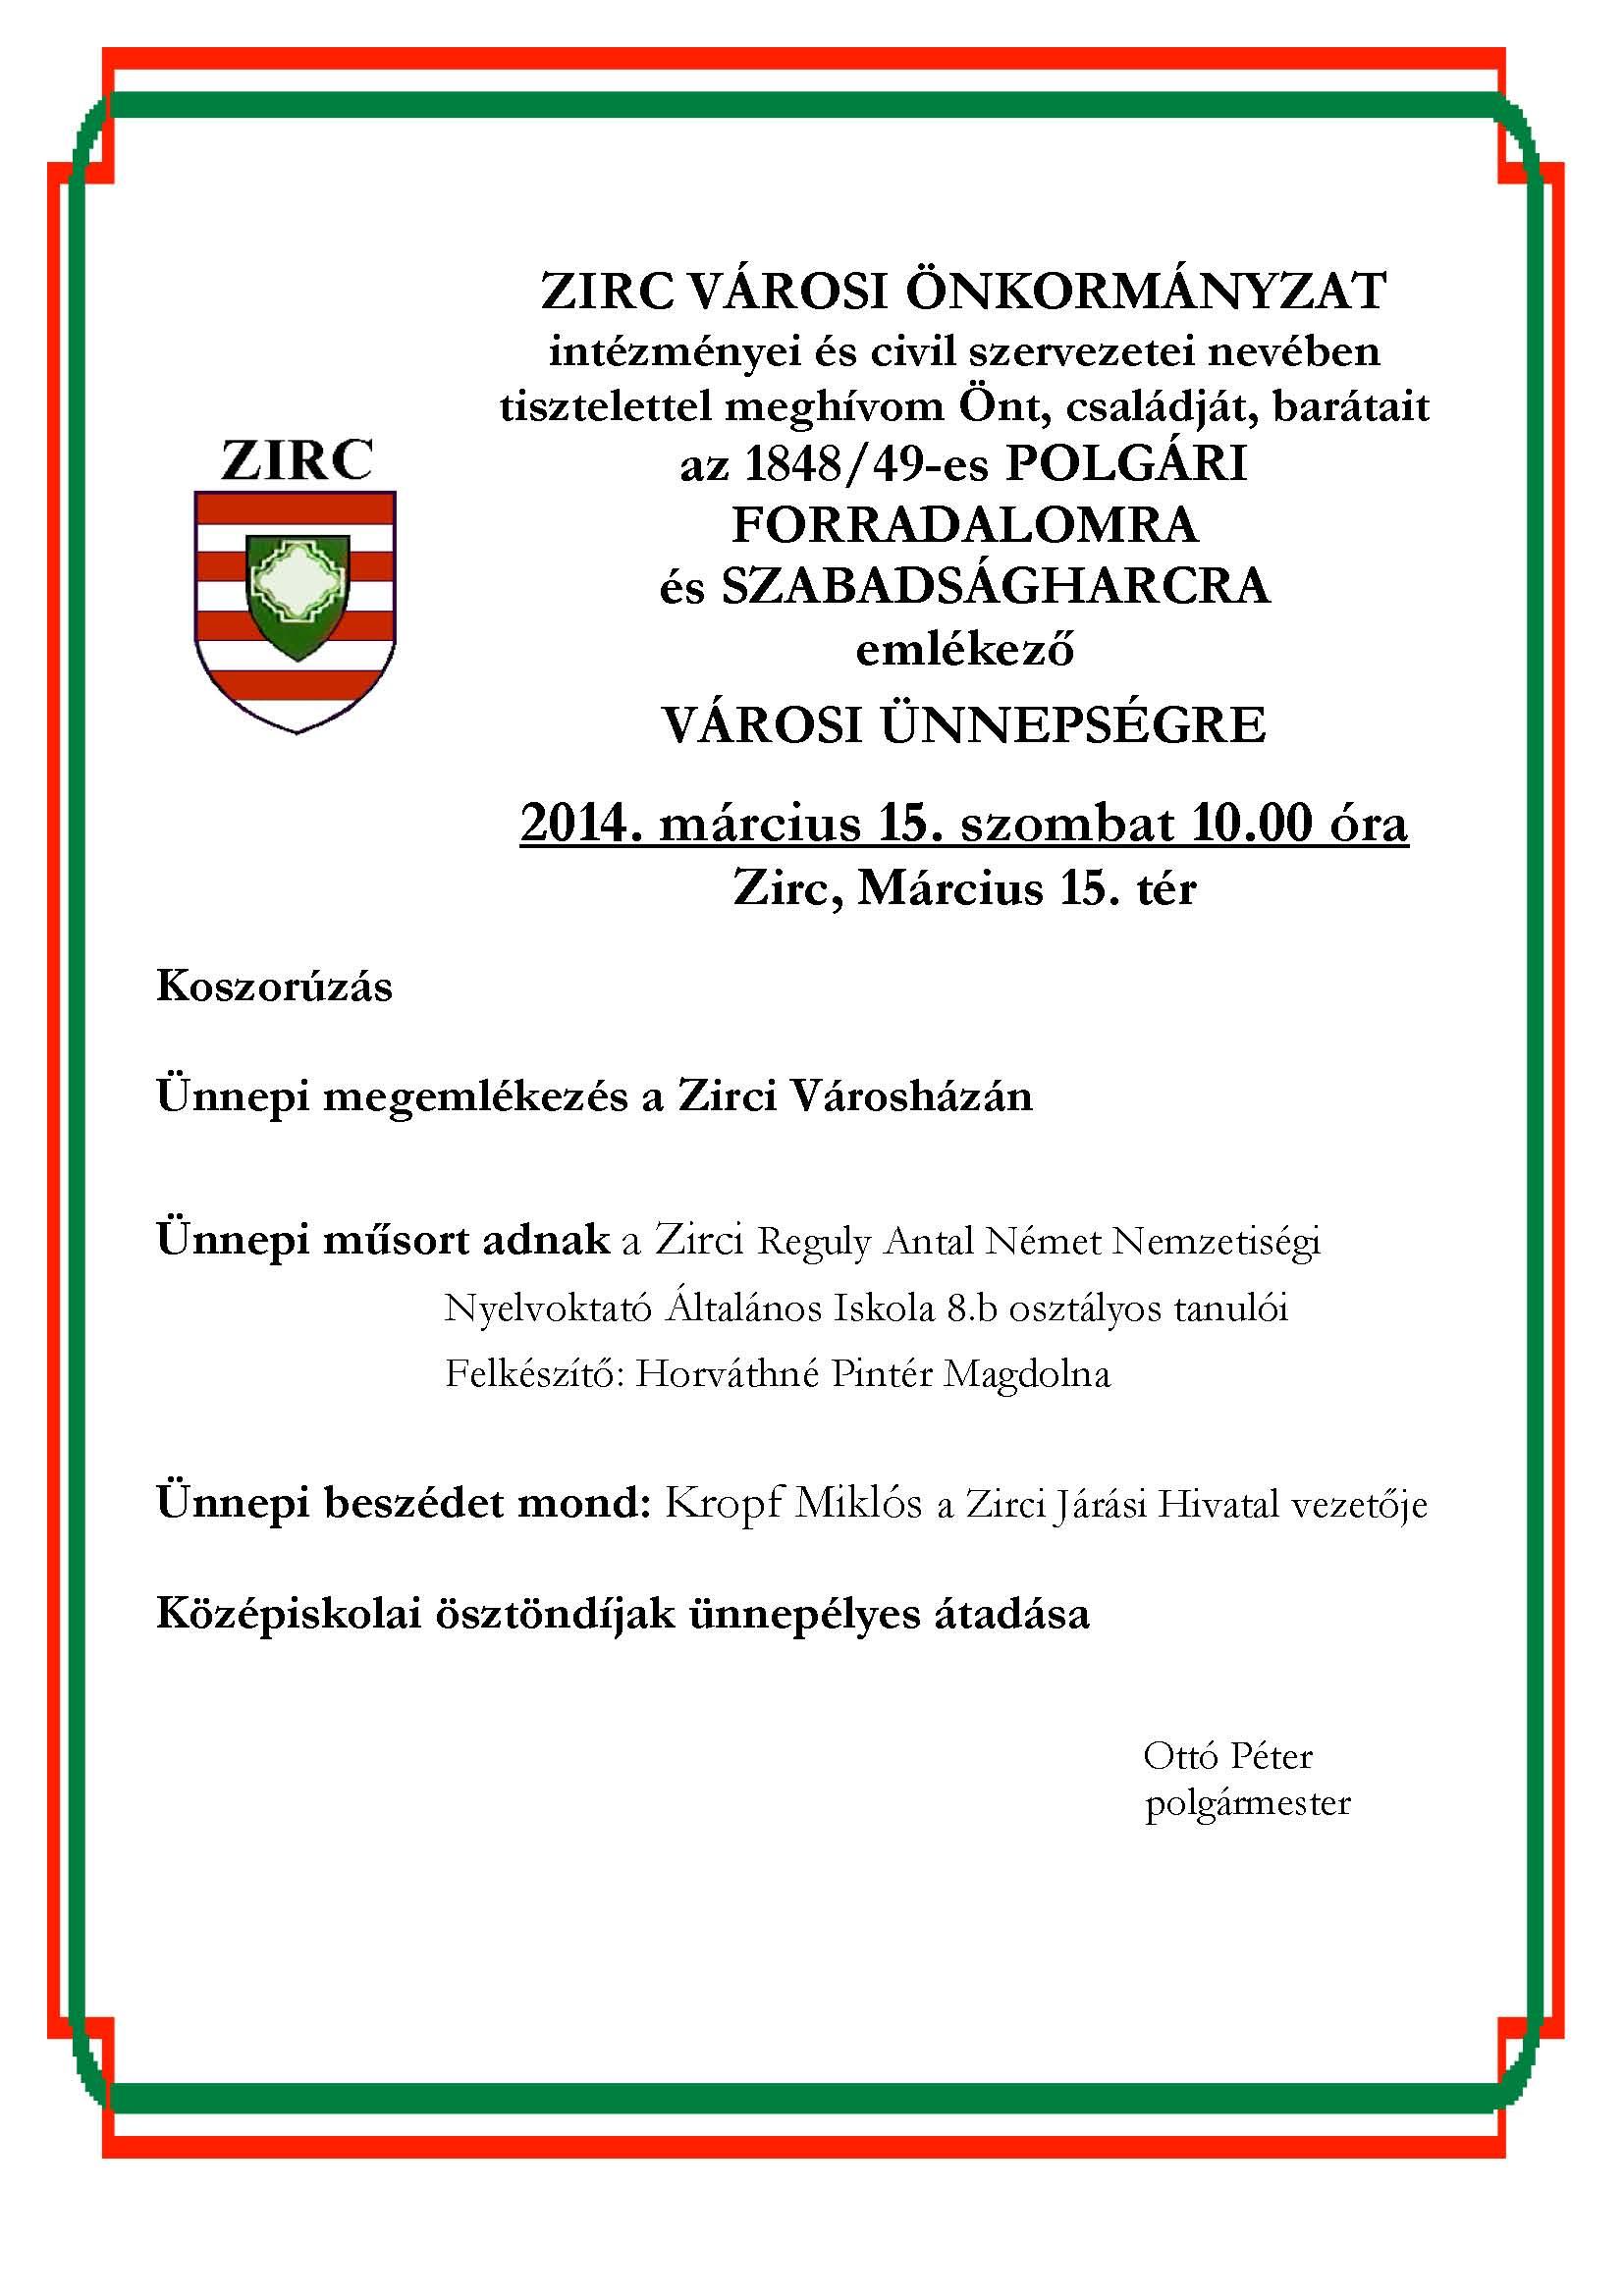 2014március15.Zirc-plakát-végl.jpg